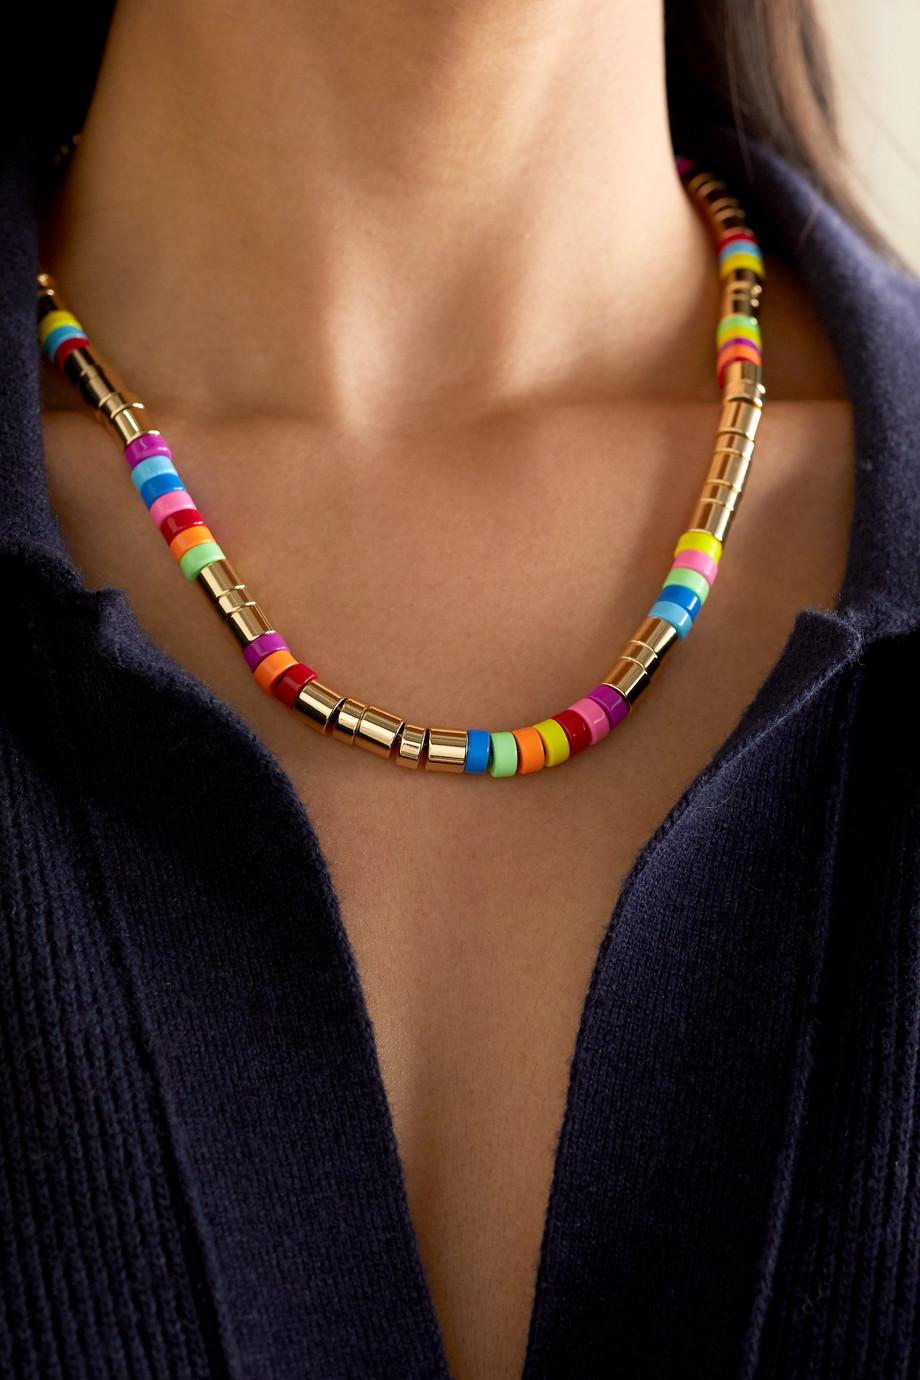 Roxanne Assoulin Kette mit Emaille und goldfarbenen Details